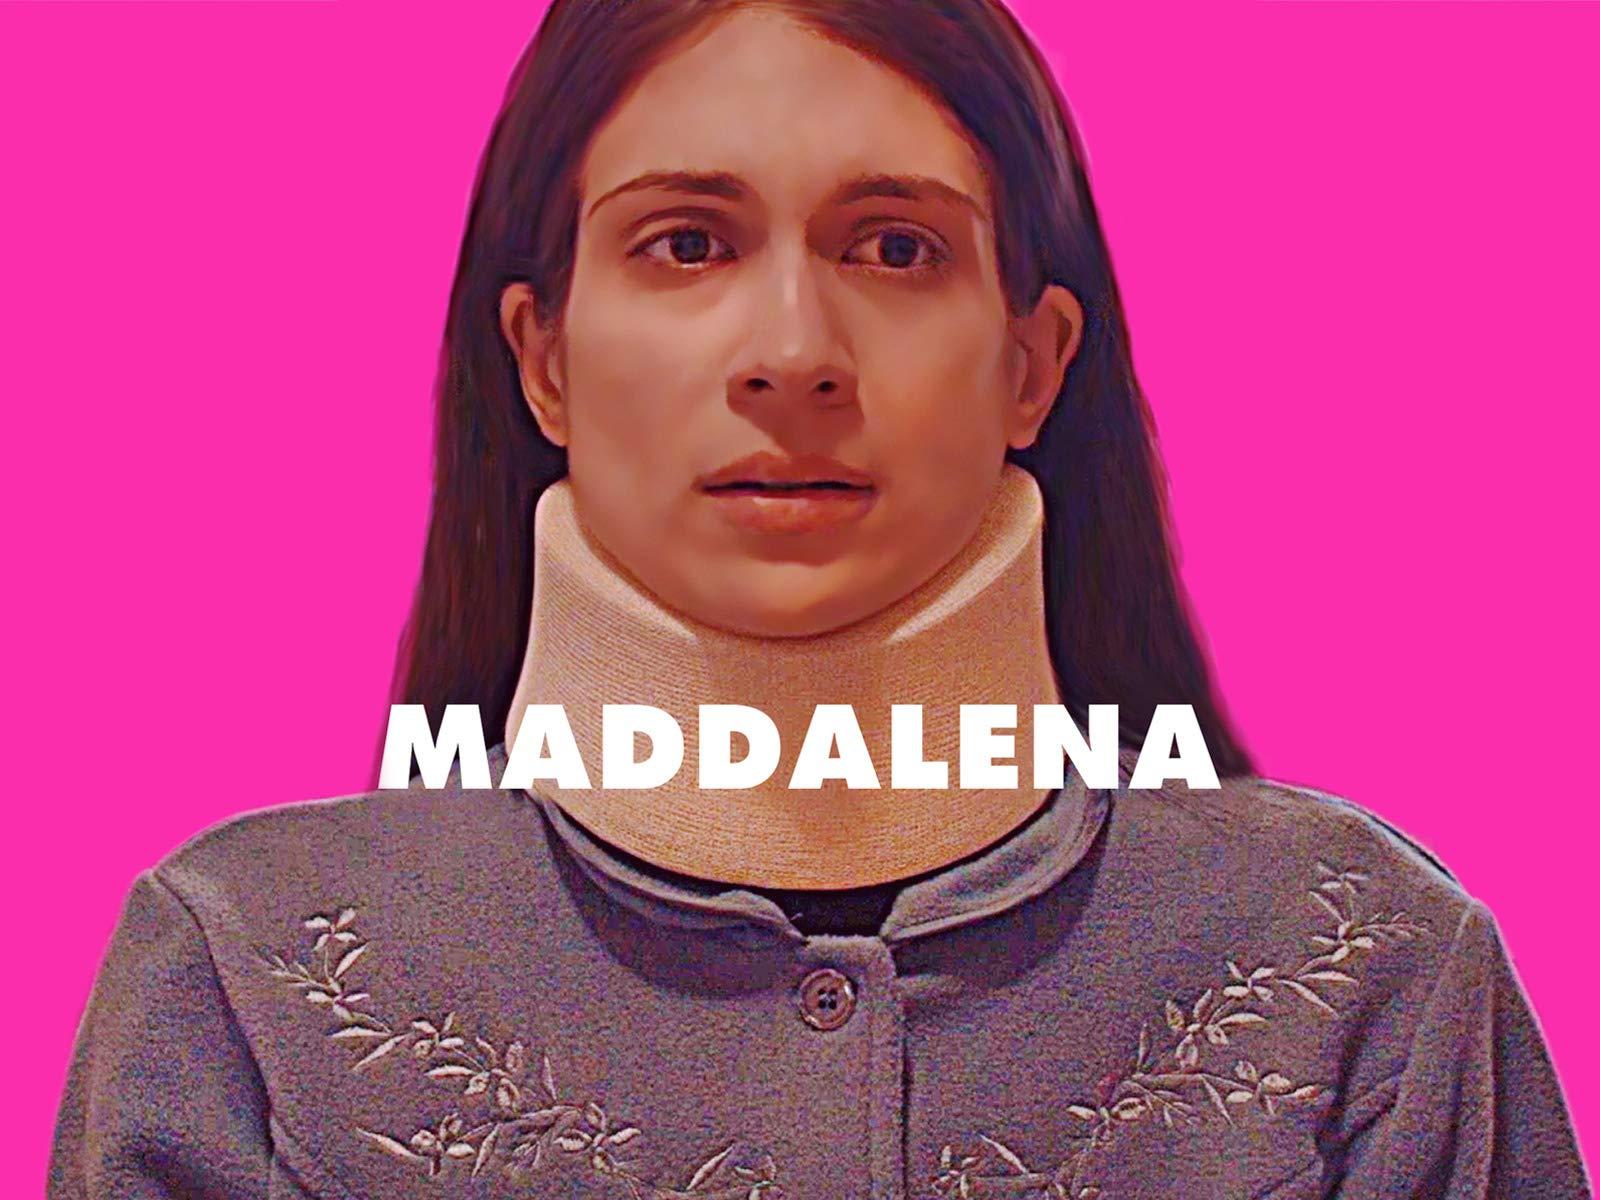 Maddalena - Season 1